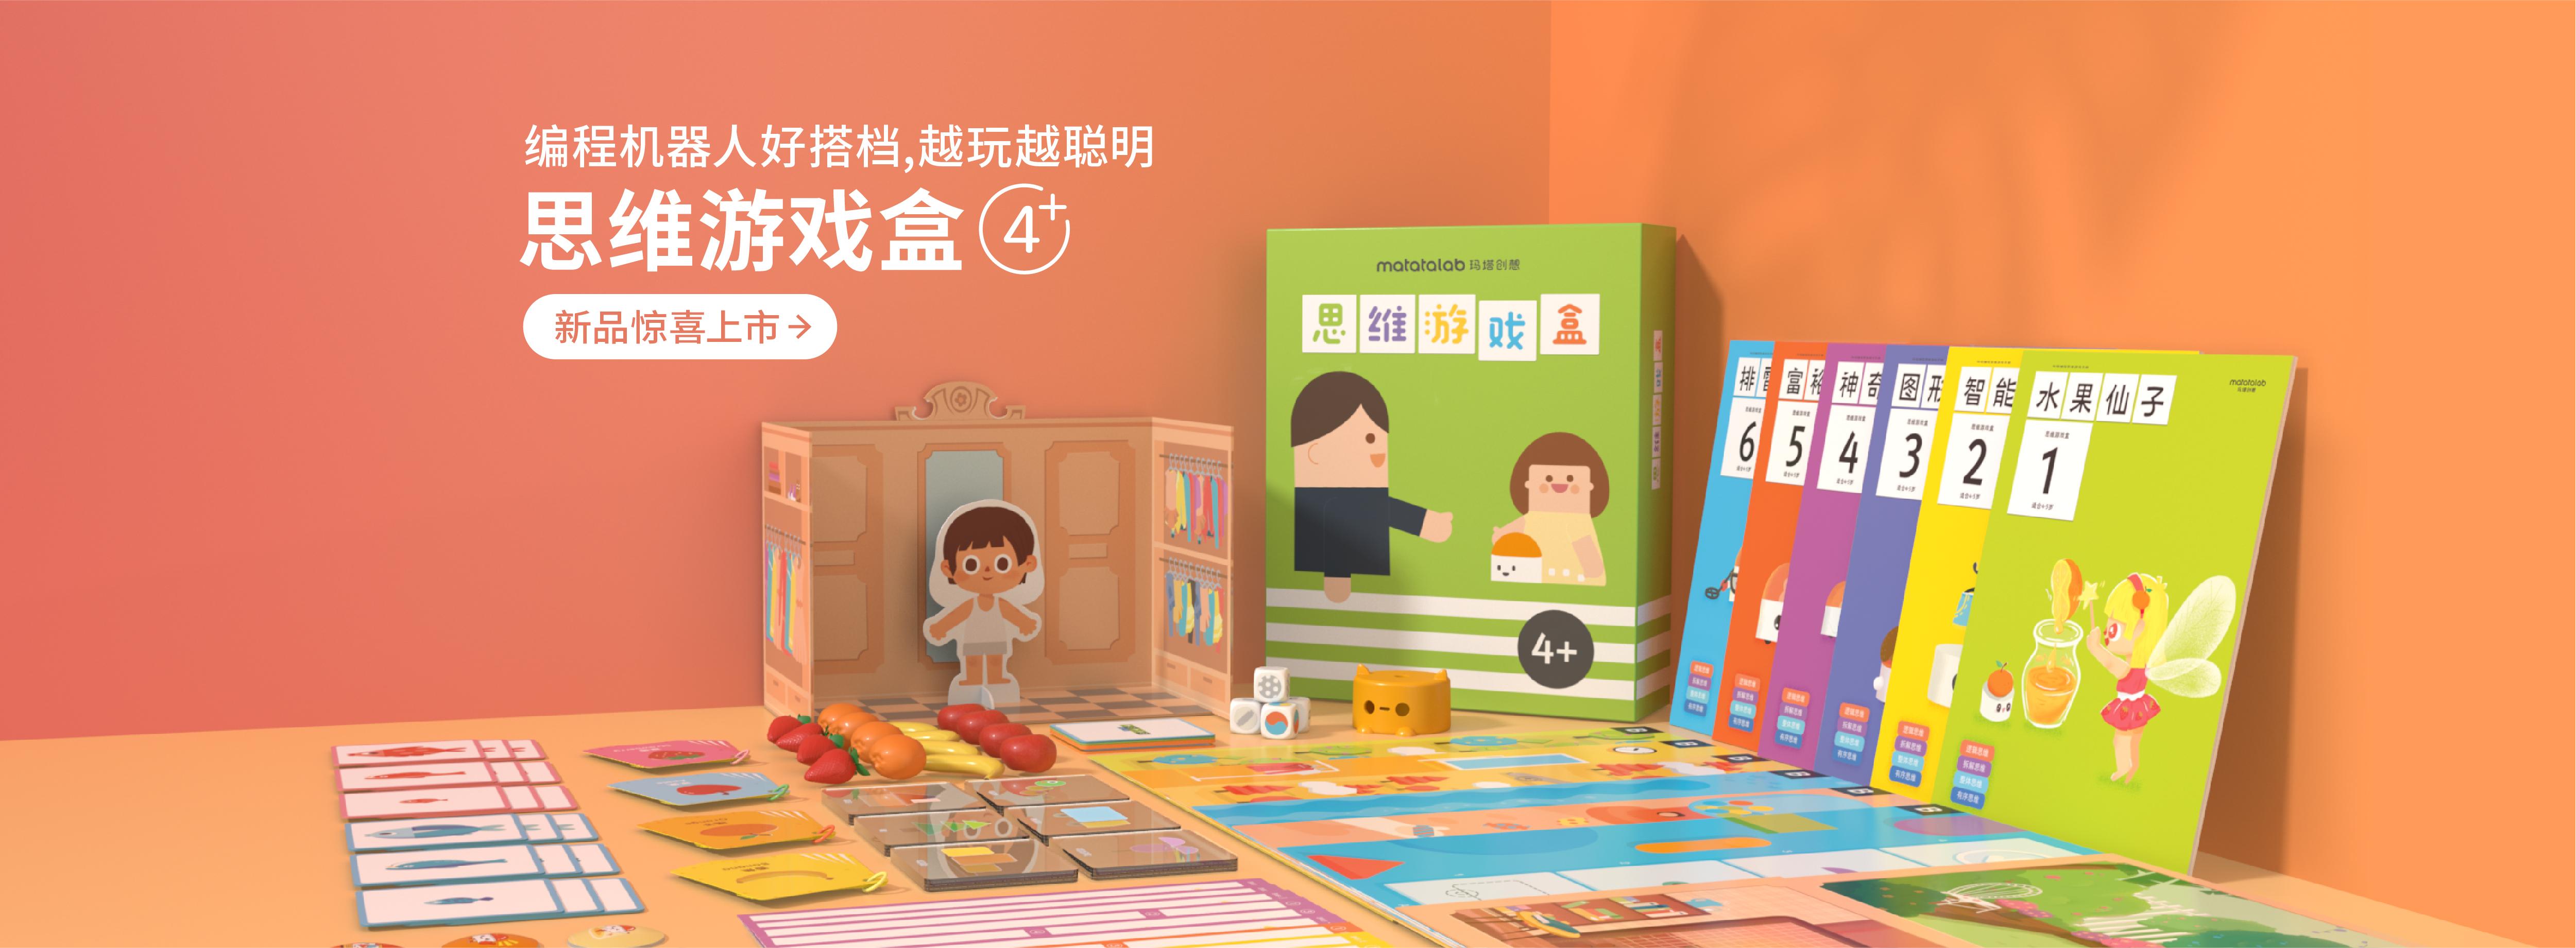 思维游戏盒banner